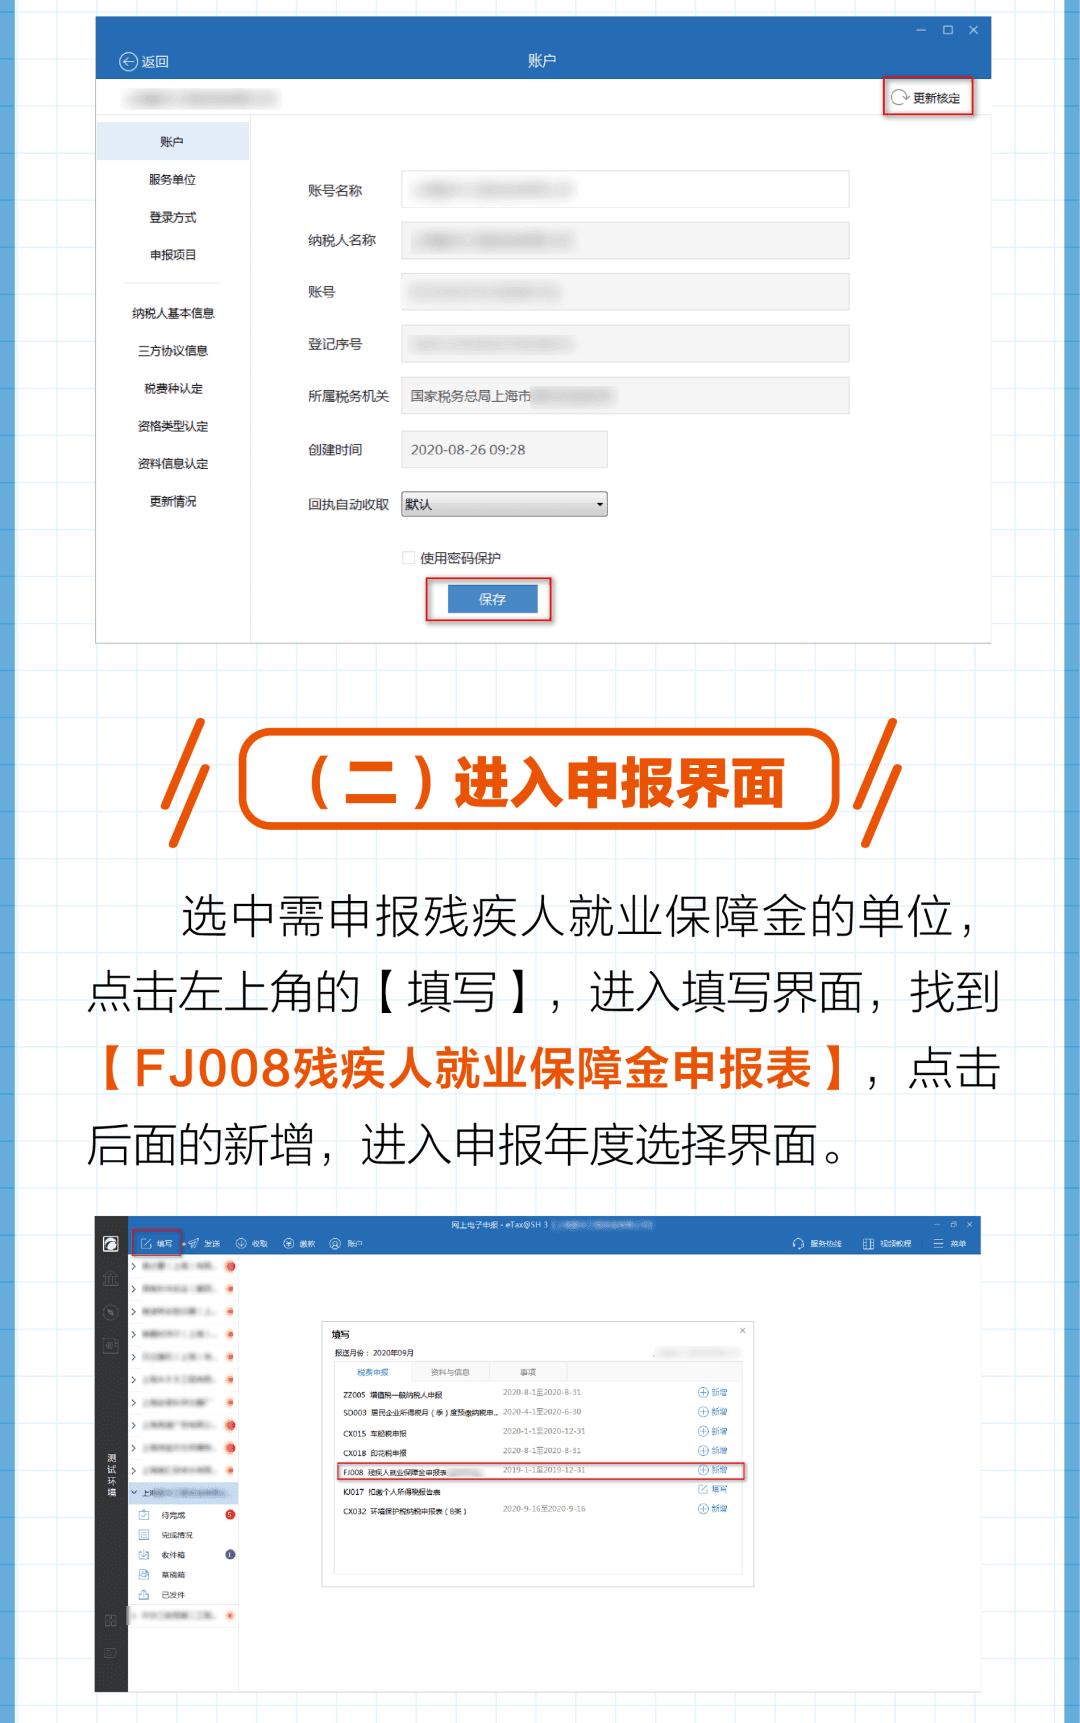 2020年上海残疾人就业保障金开始申报缴费啦!【操作指南】带您一图读懂网上申报缴费全流程!插图(7)